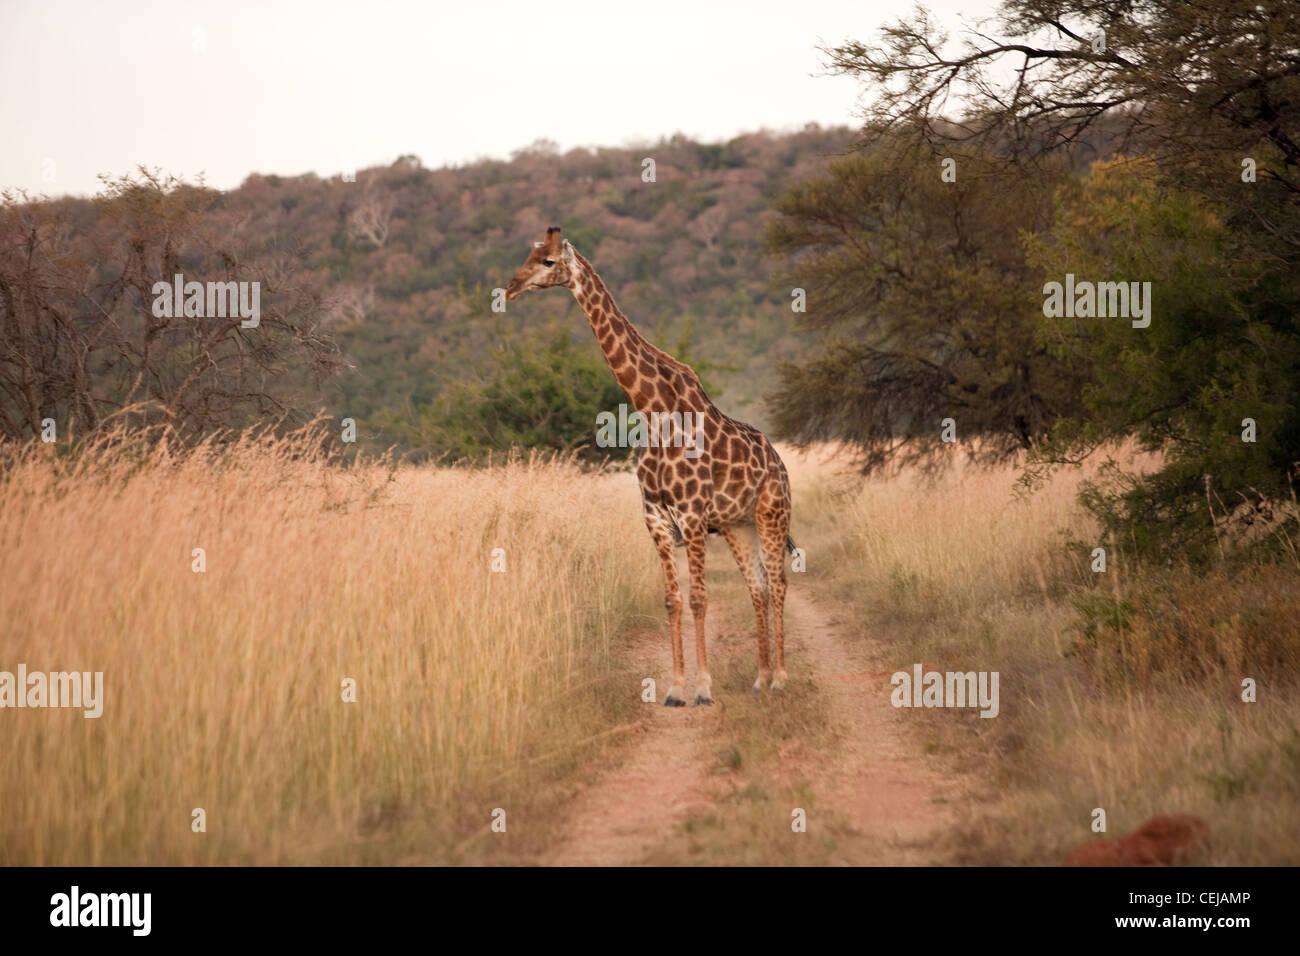 Girafe,Legends Réserver,province de Limpopo Photo Stock